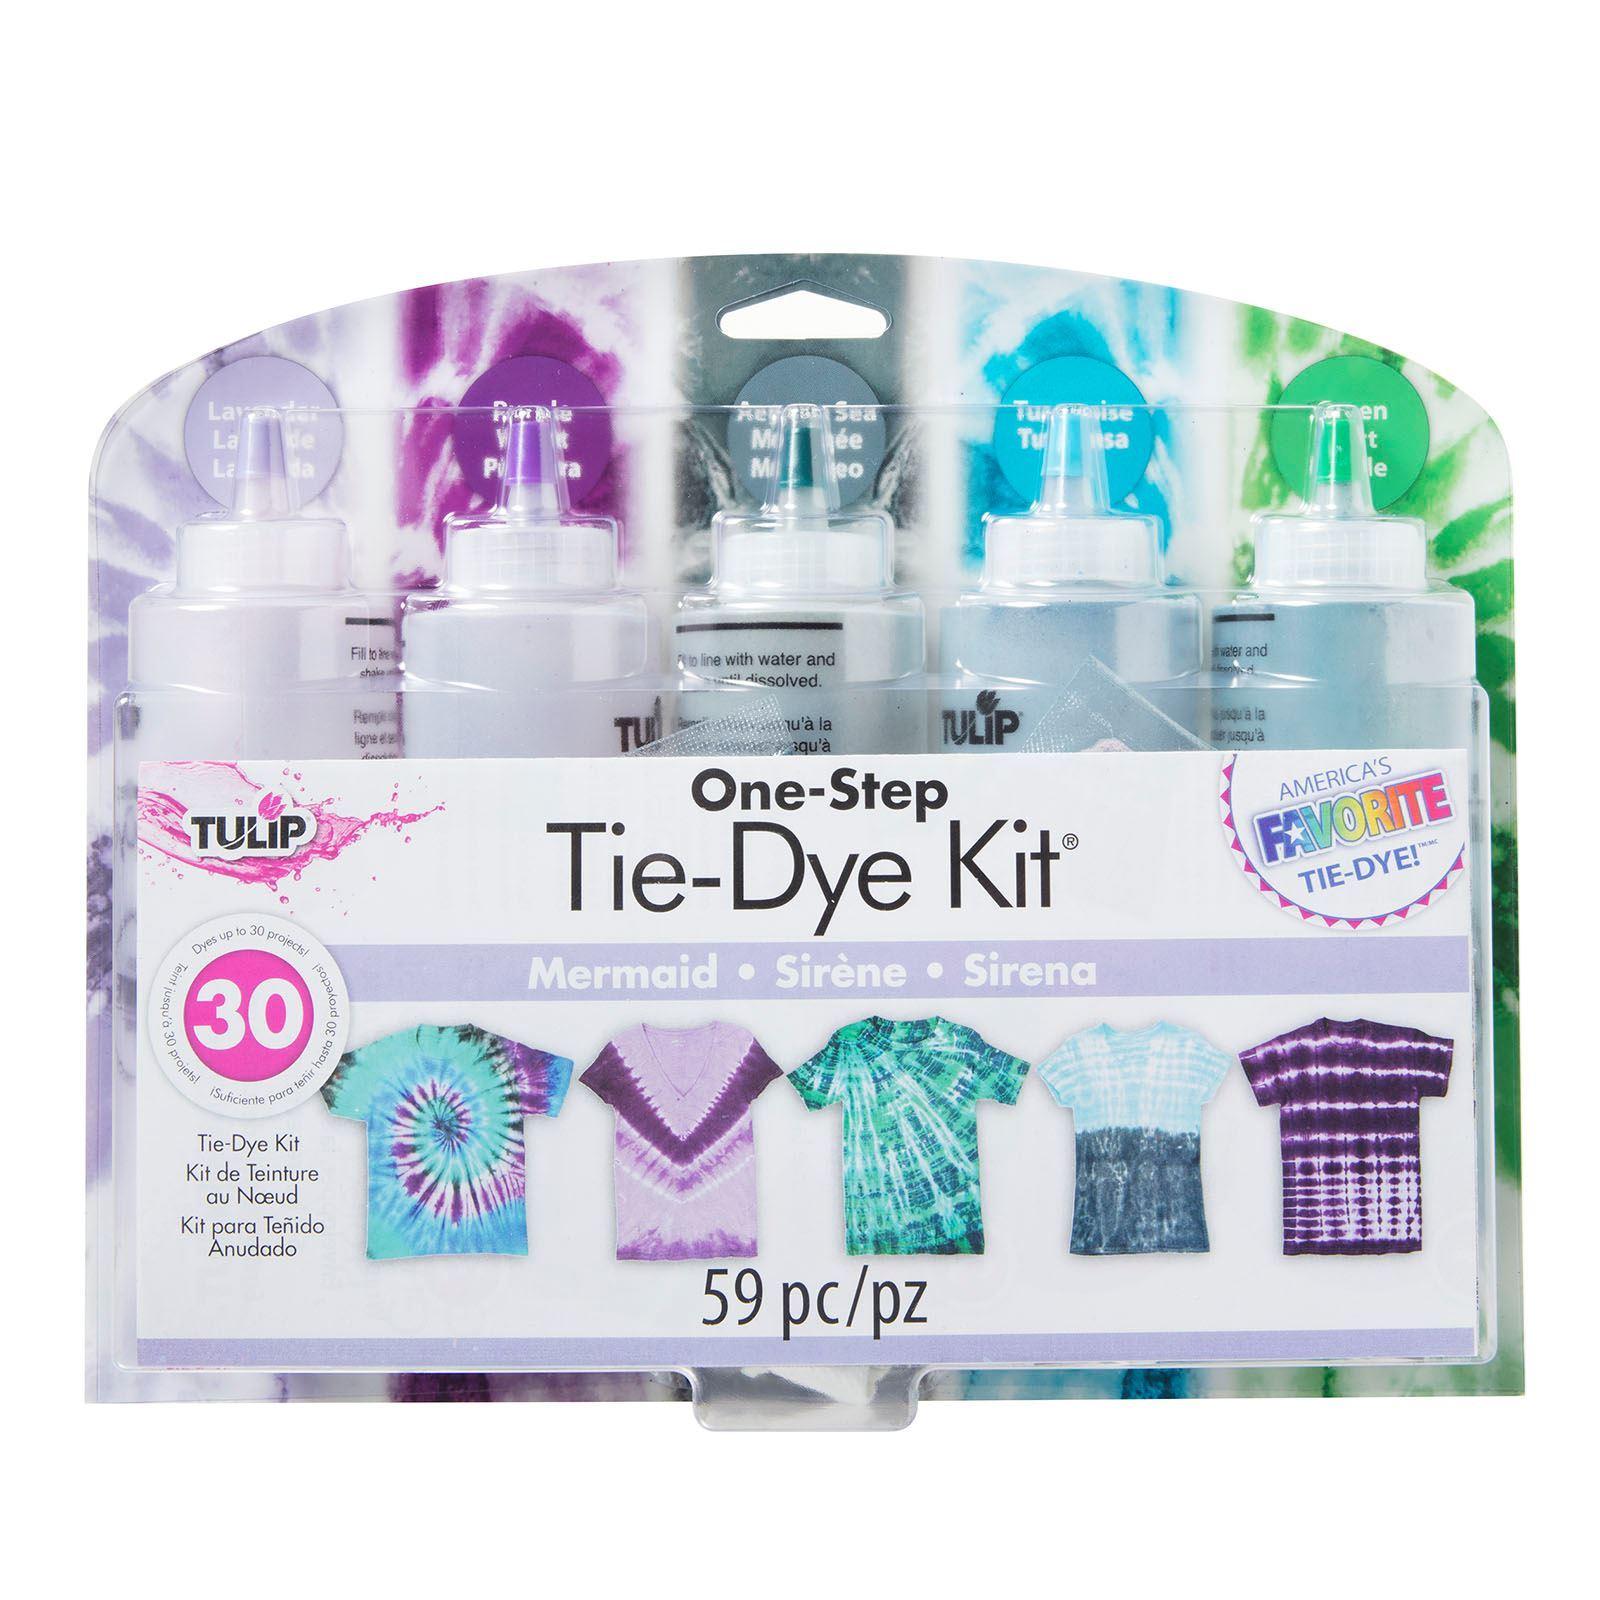 False Mermaid Tie-Dye Kit